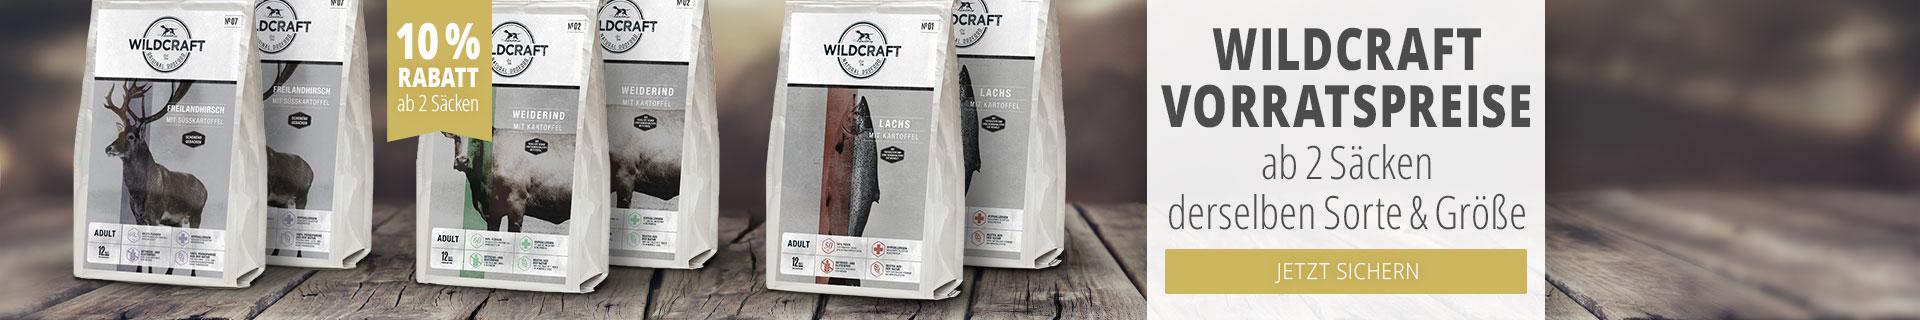 Wildcraft Vorratspreise ab 2 Sack Trockenfutter